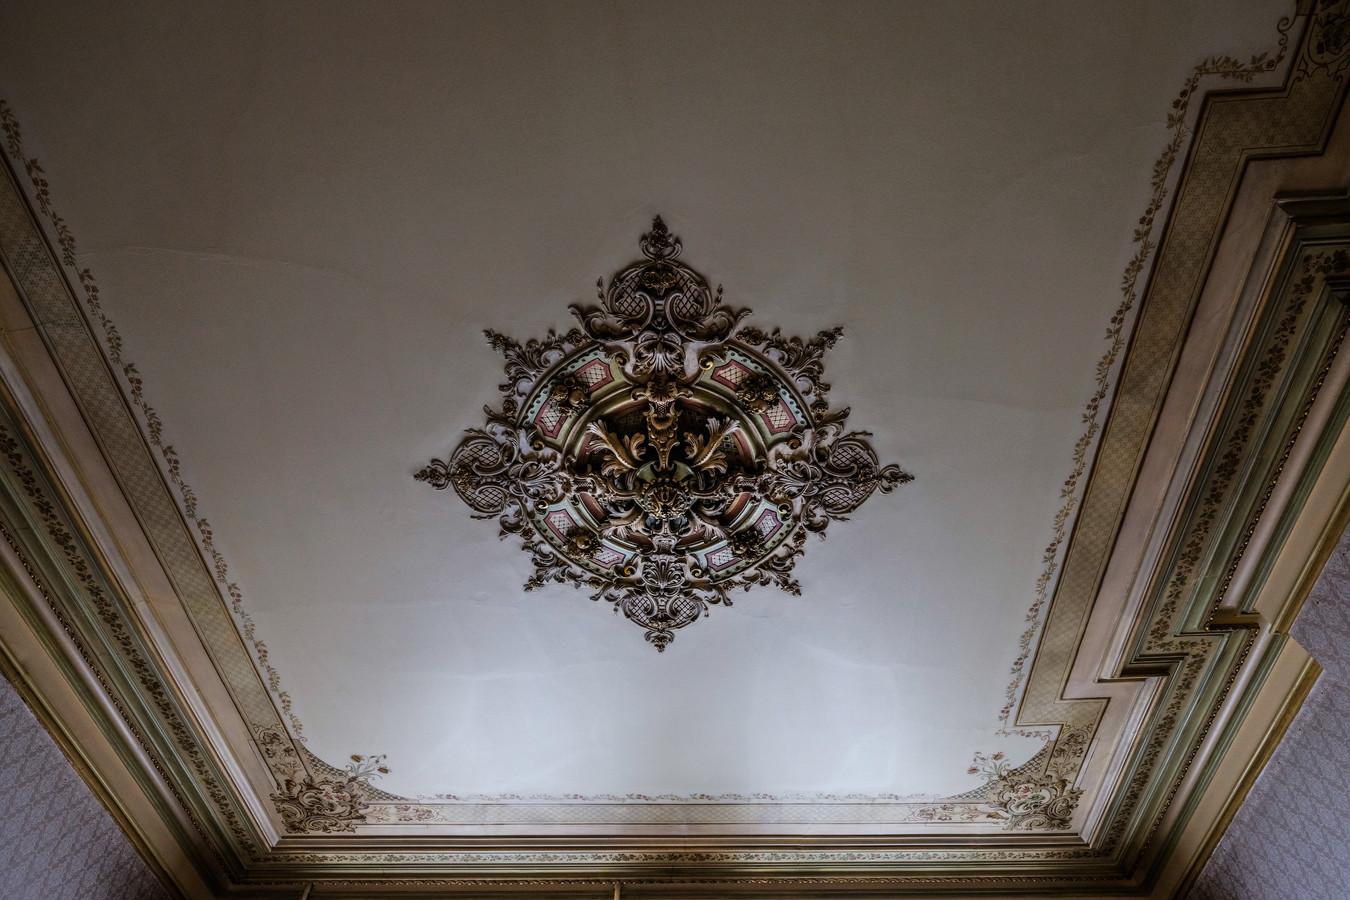 Leo Scholten legt de laatste hand aan de restaurantie van een van de ornamentenplafonds in het voormalige doktershuis aan de Koepoortstraat in Doesburg.